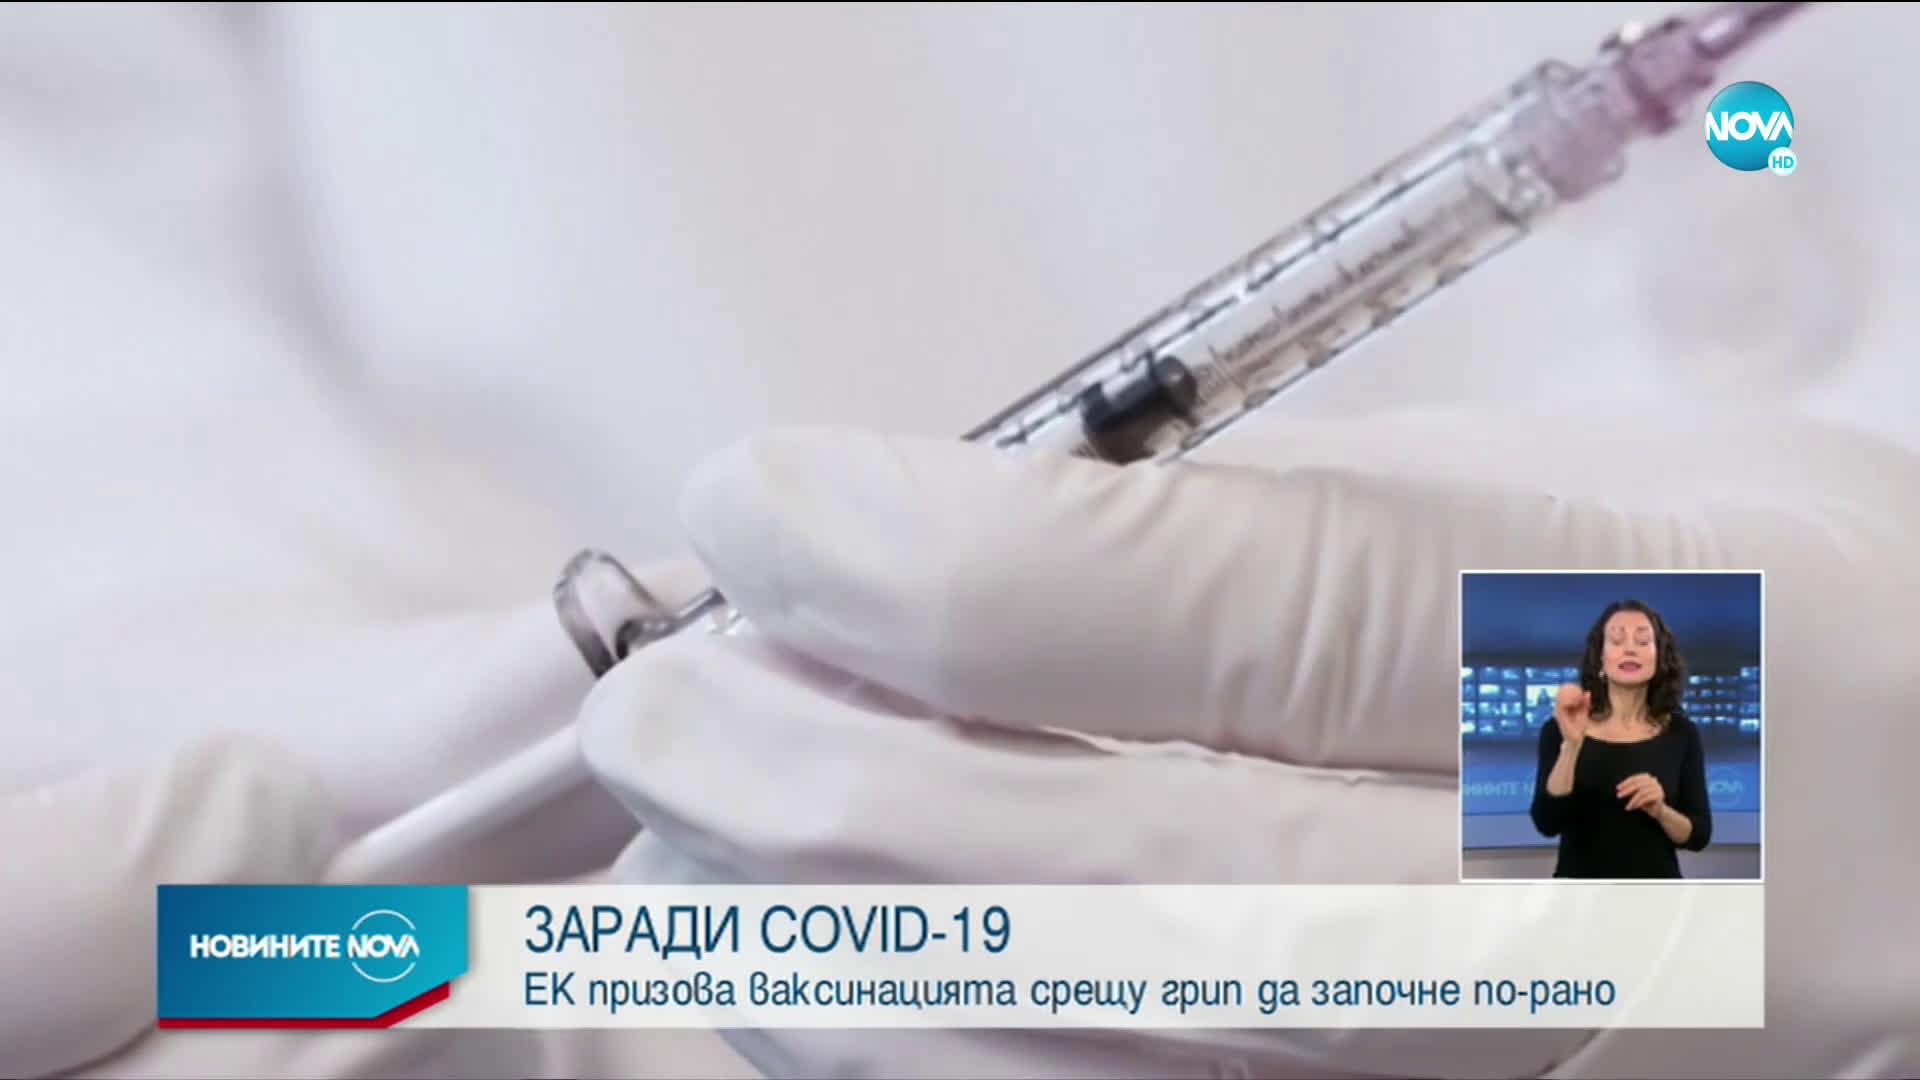 ЗАРАДИ COVID-19: EК призова ваксинацията срещу грип да започне по-рано